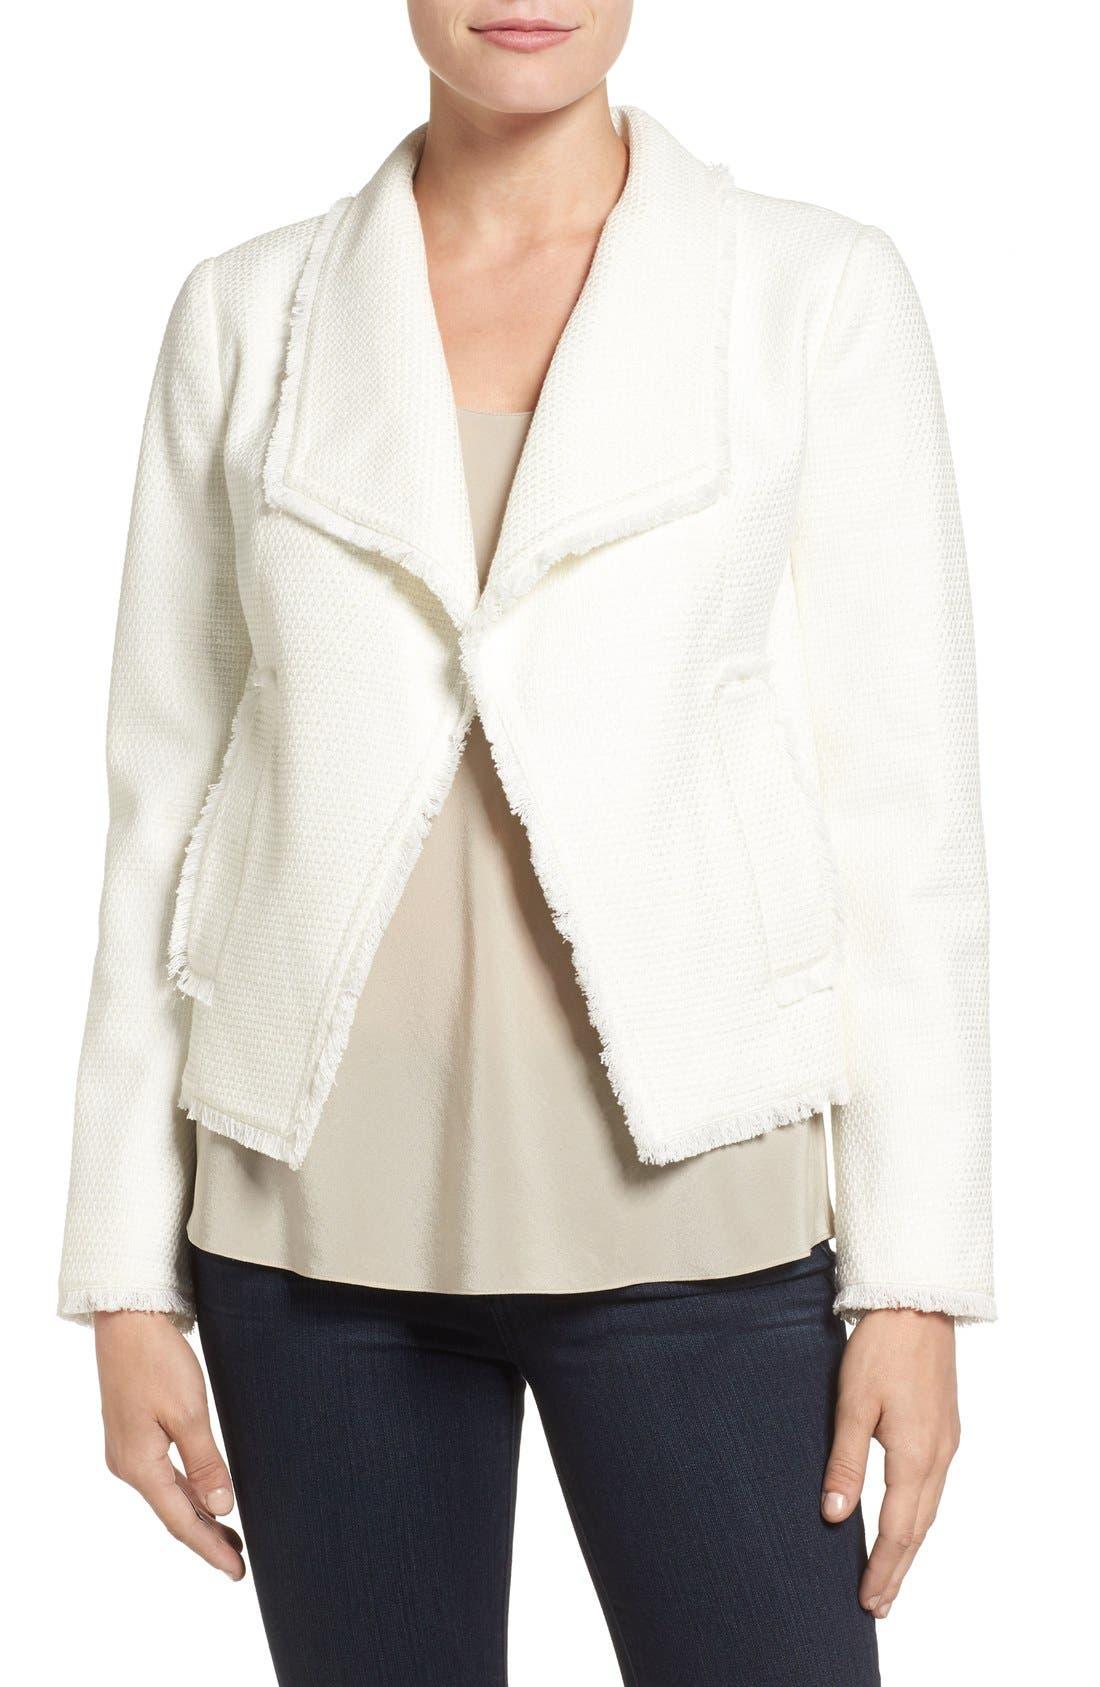 Alternate Image 1 Selected - MICHAEL Michael Kors Tweed Jacket